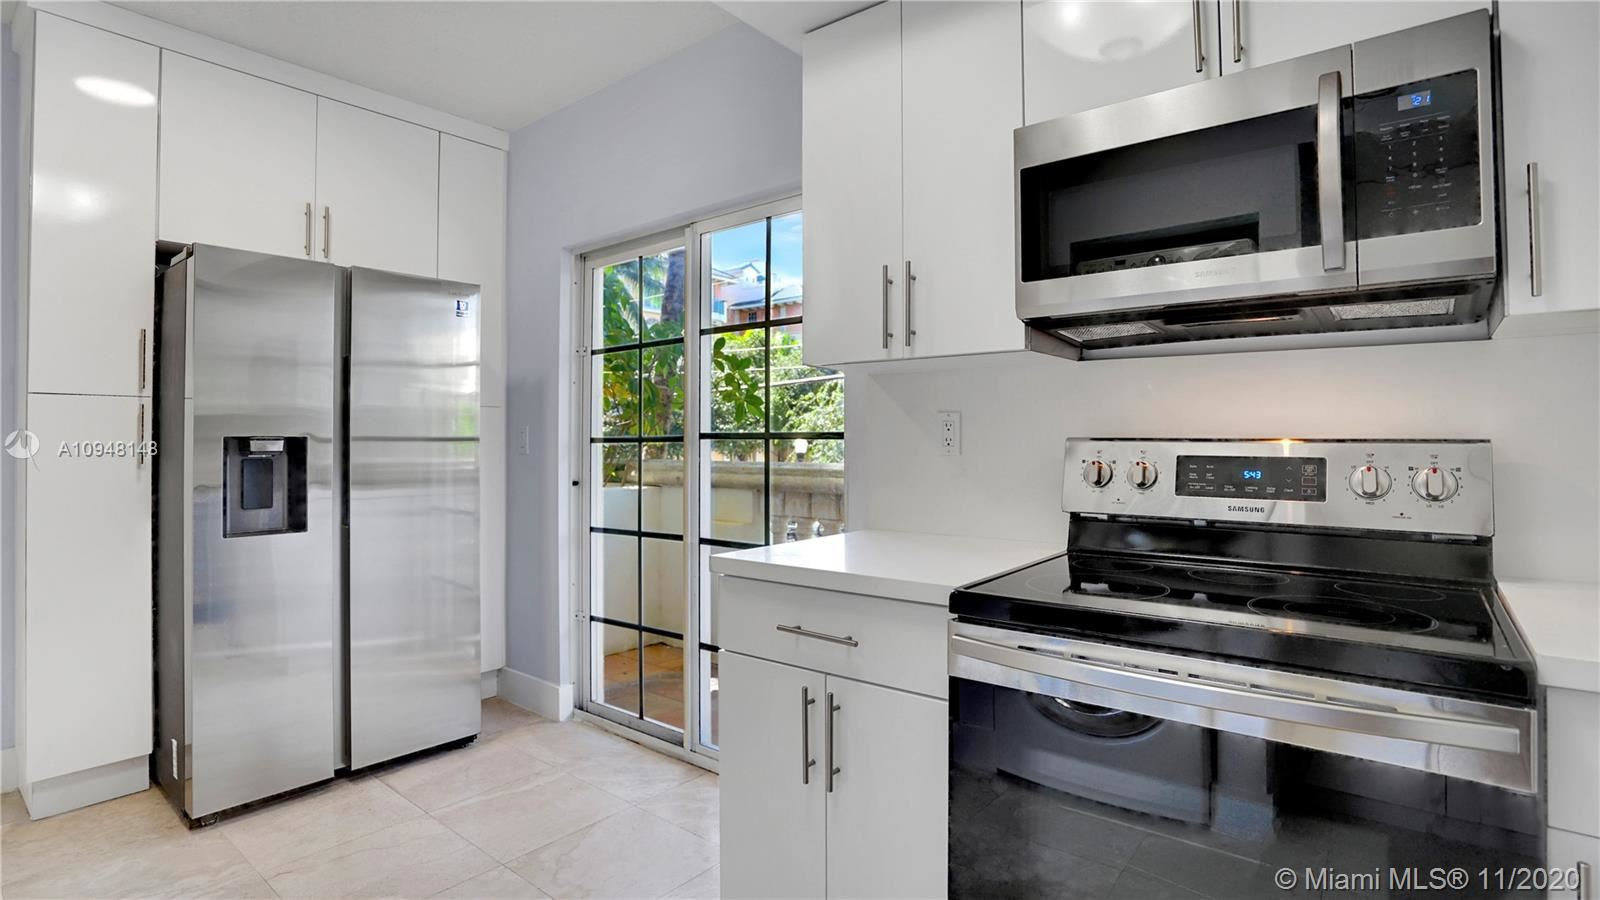 300 Euclid Ave #102, Miami Beach, FL 33139 - #: A10948148